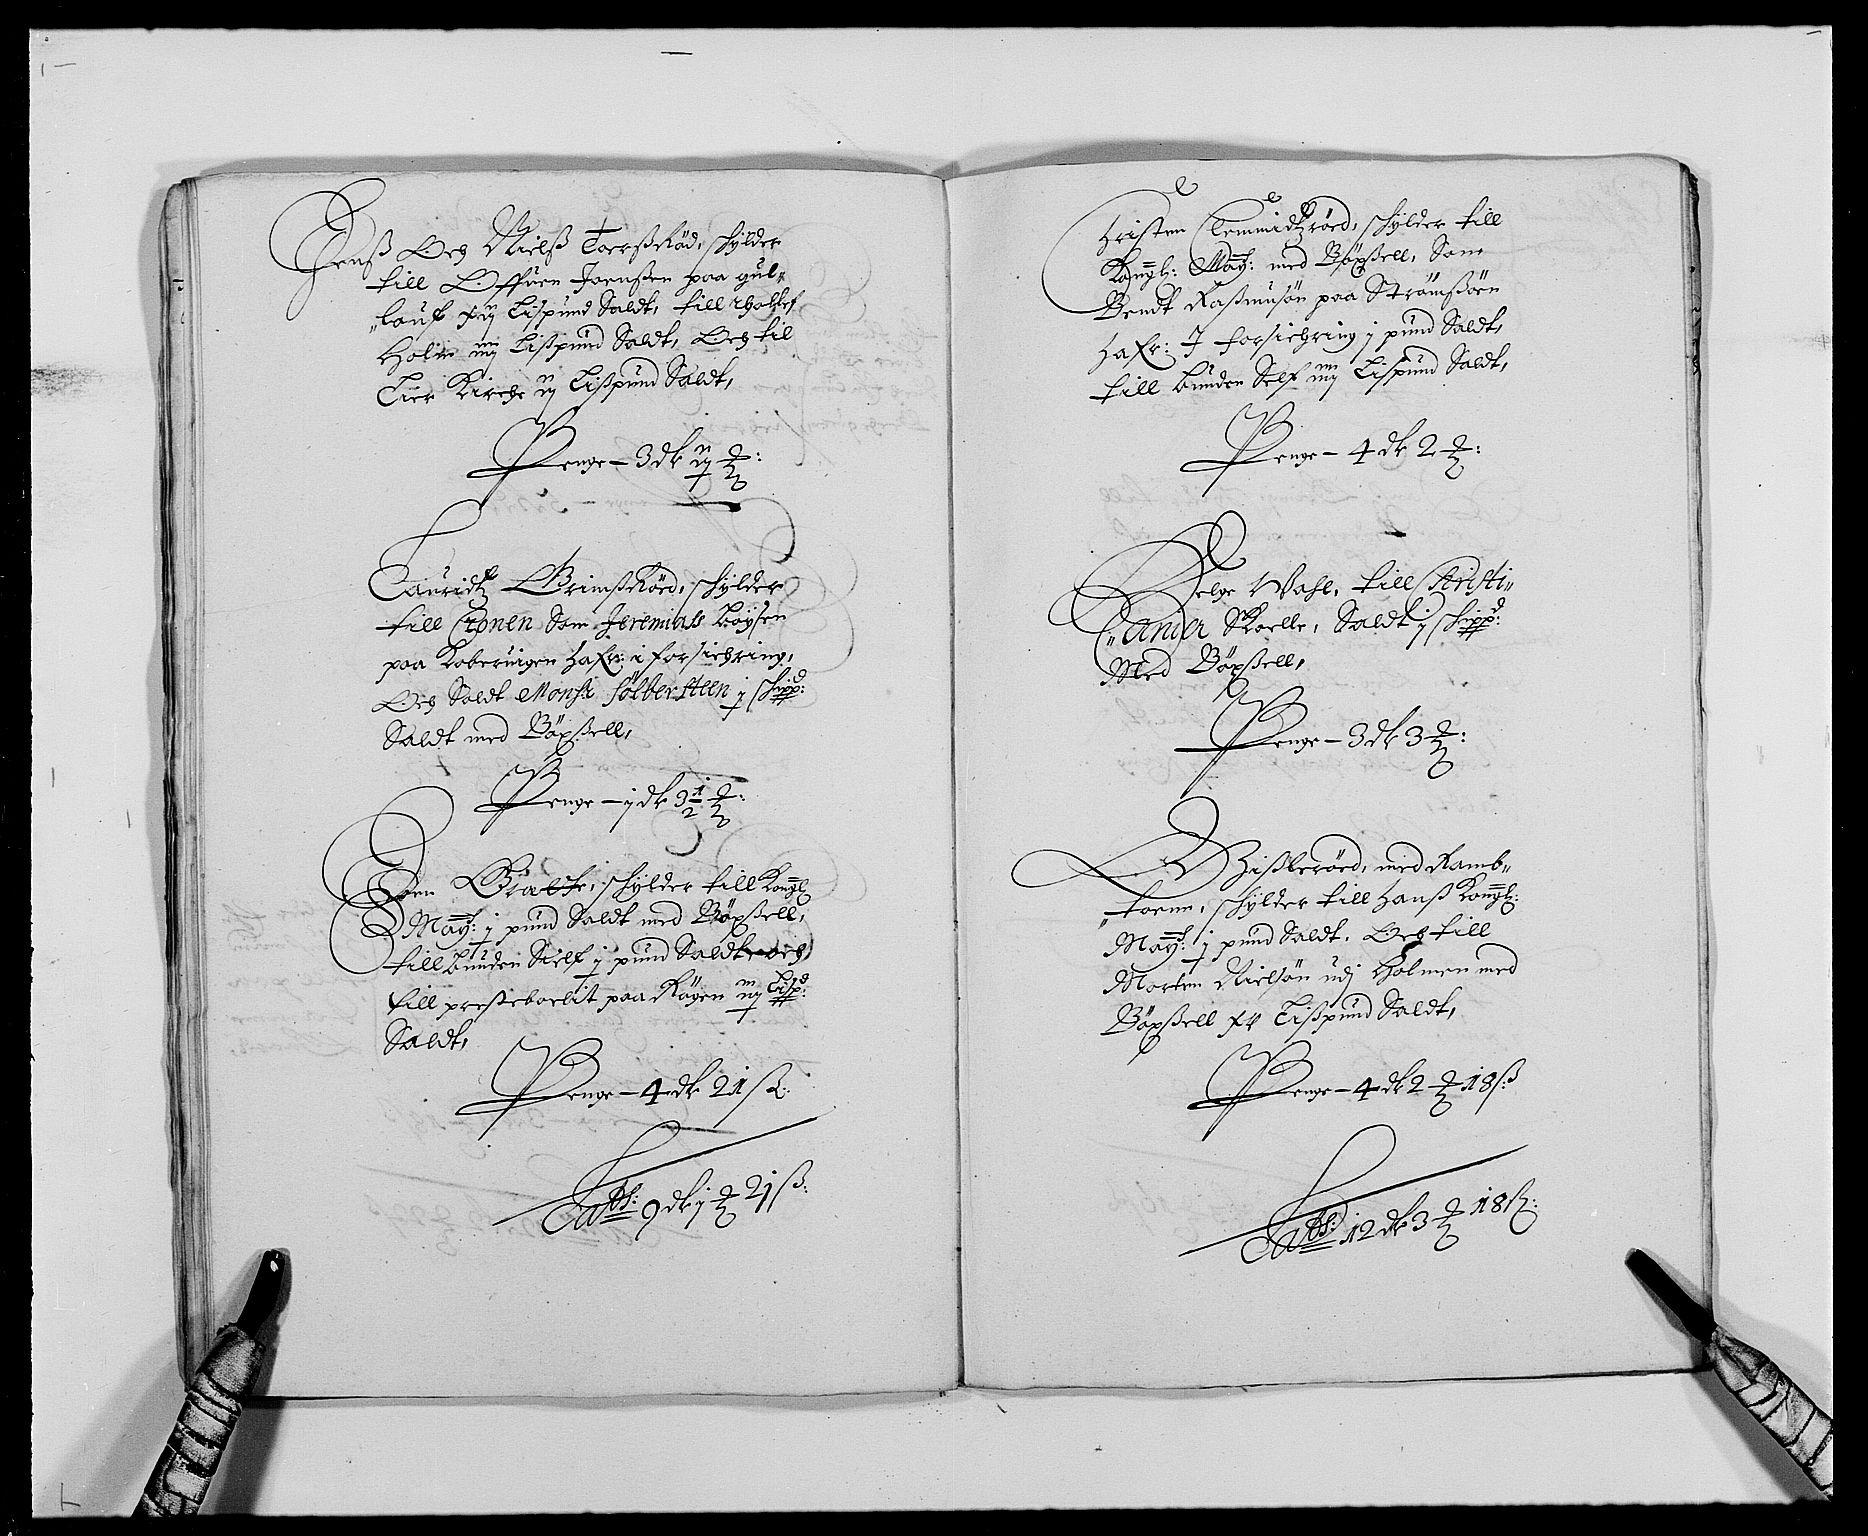 RA, Rentekammeret inntil 1814, Reviderte regnskaper, Fogderegnskap, R29/L1691: Fogderegnskap Hurum og Røyken, 1678-1681, s. 166